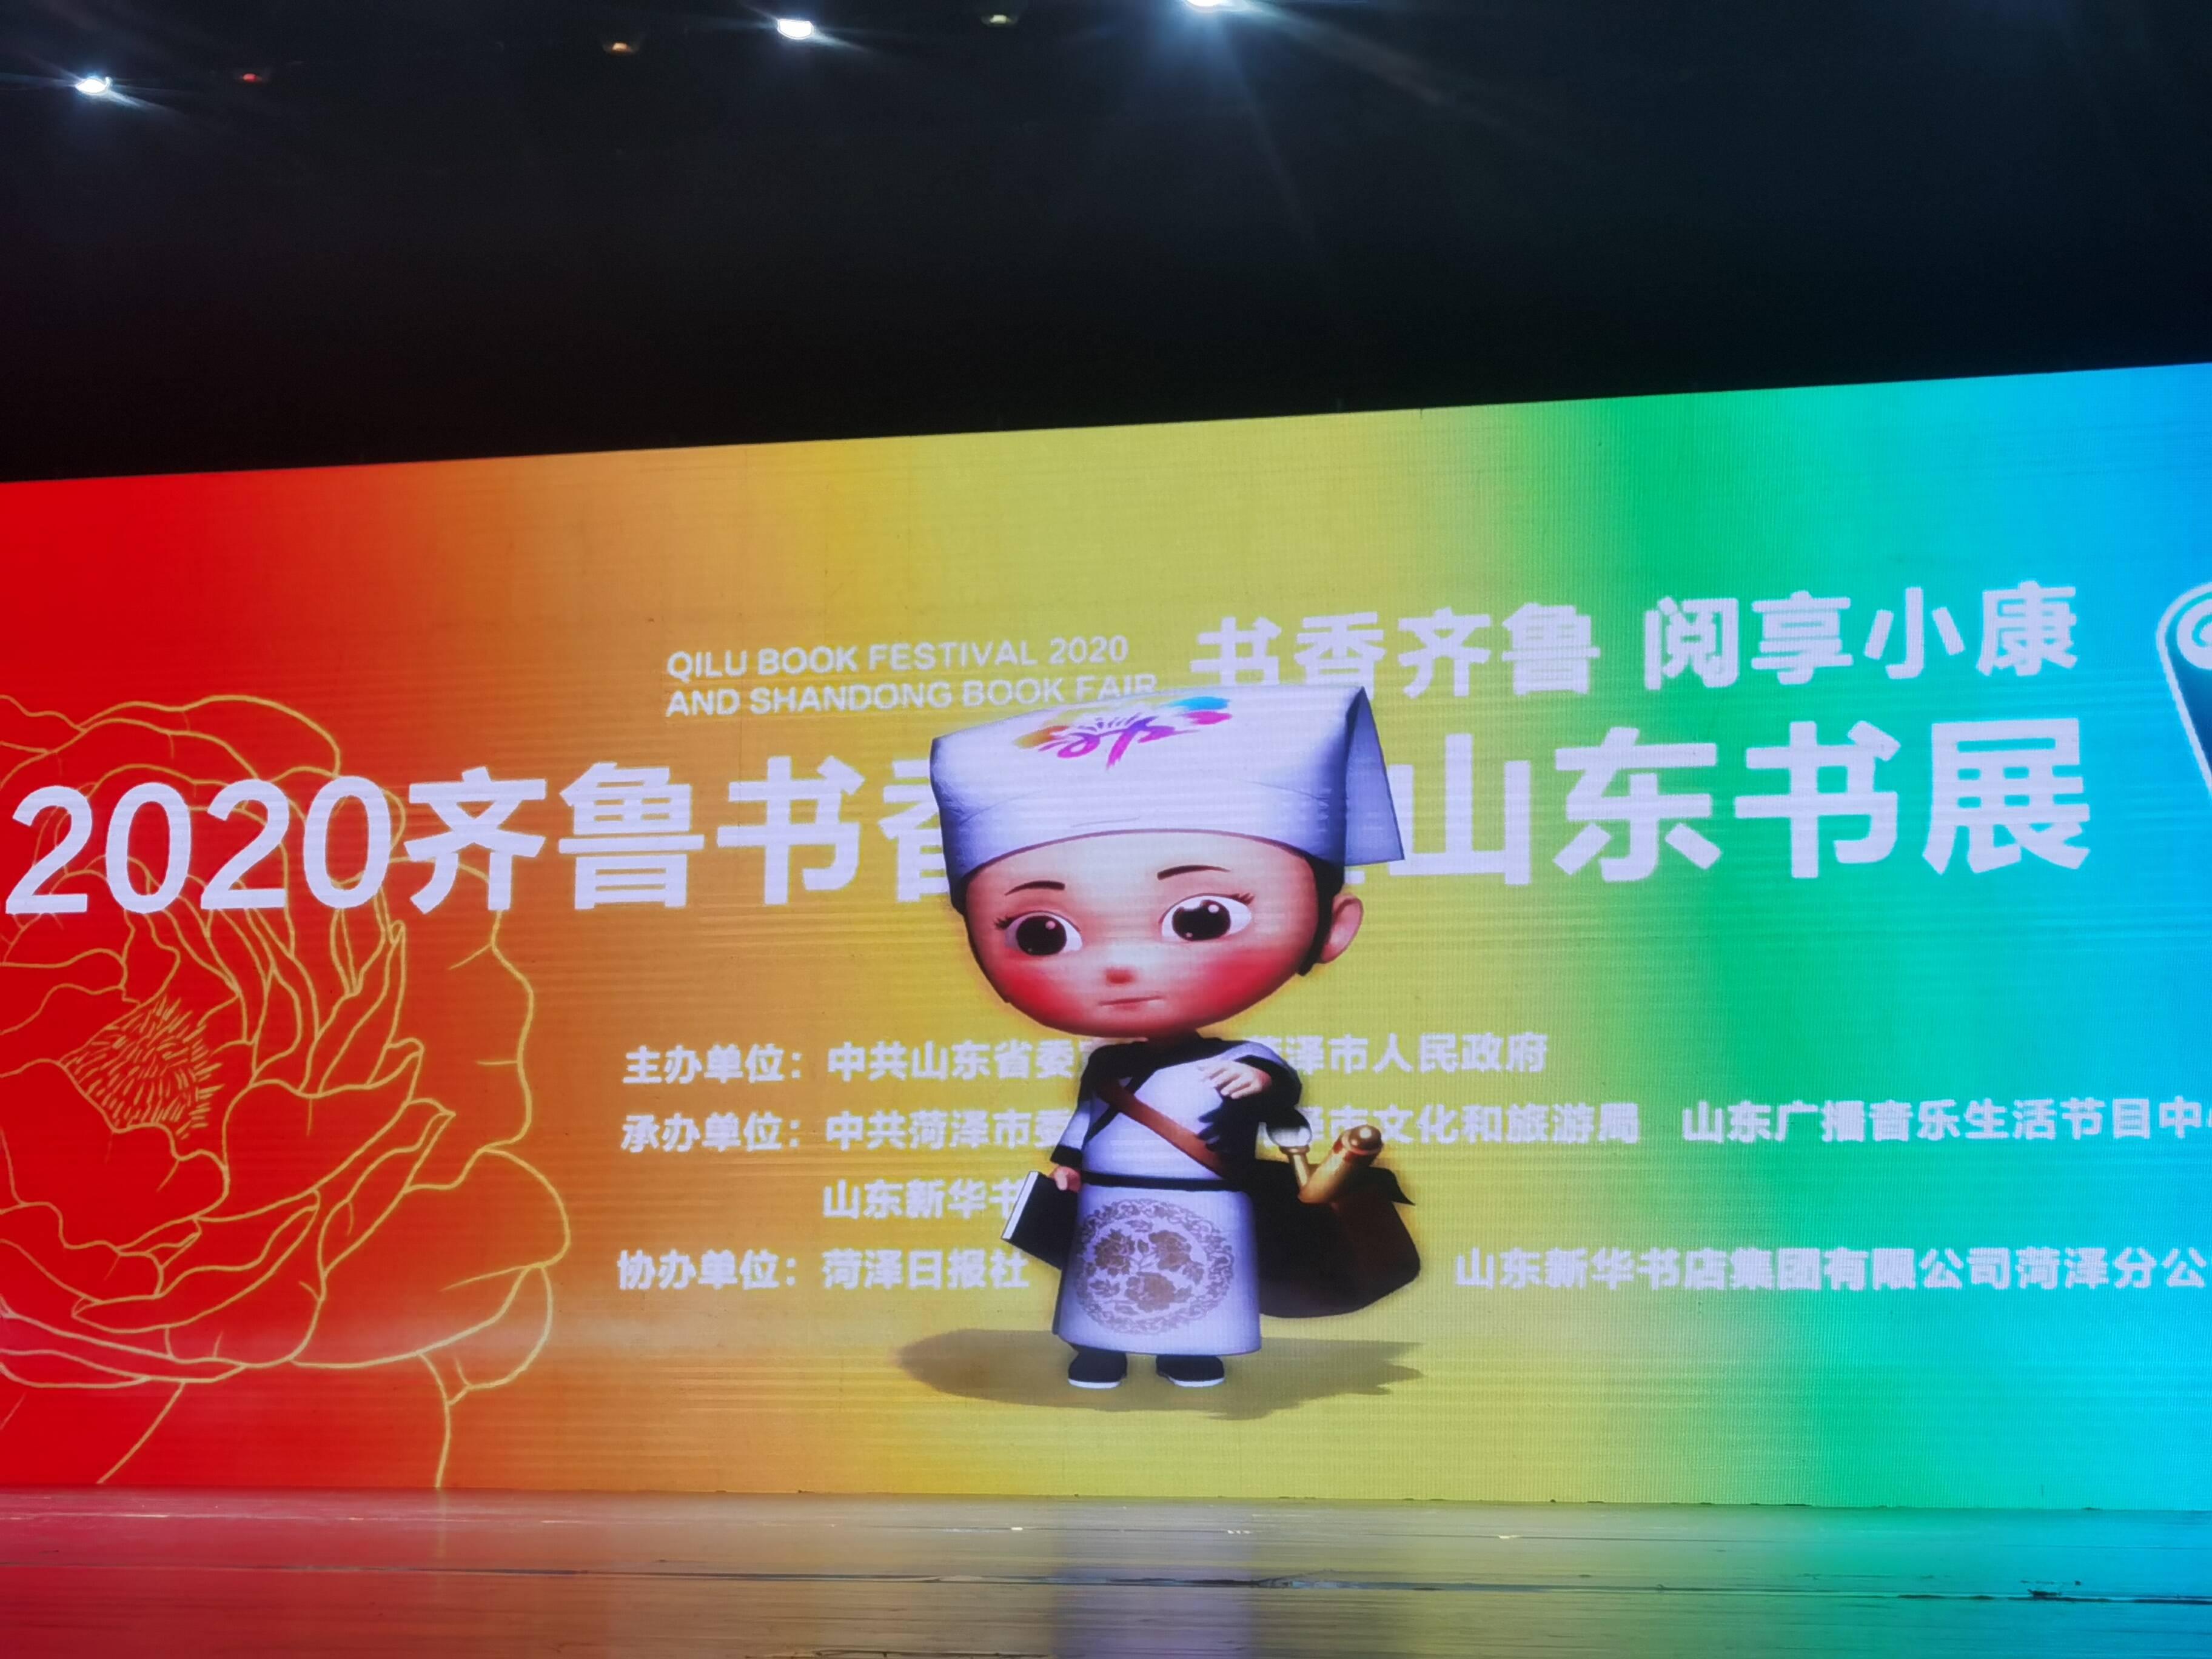 """""""2020齐鲁书香节暨山东书展""""在菏泽开幕"""